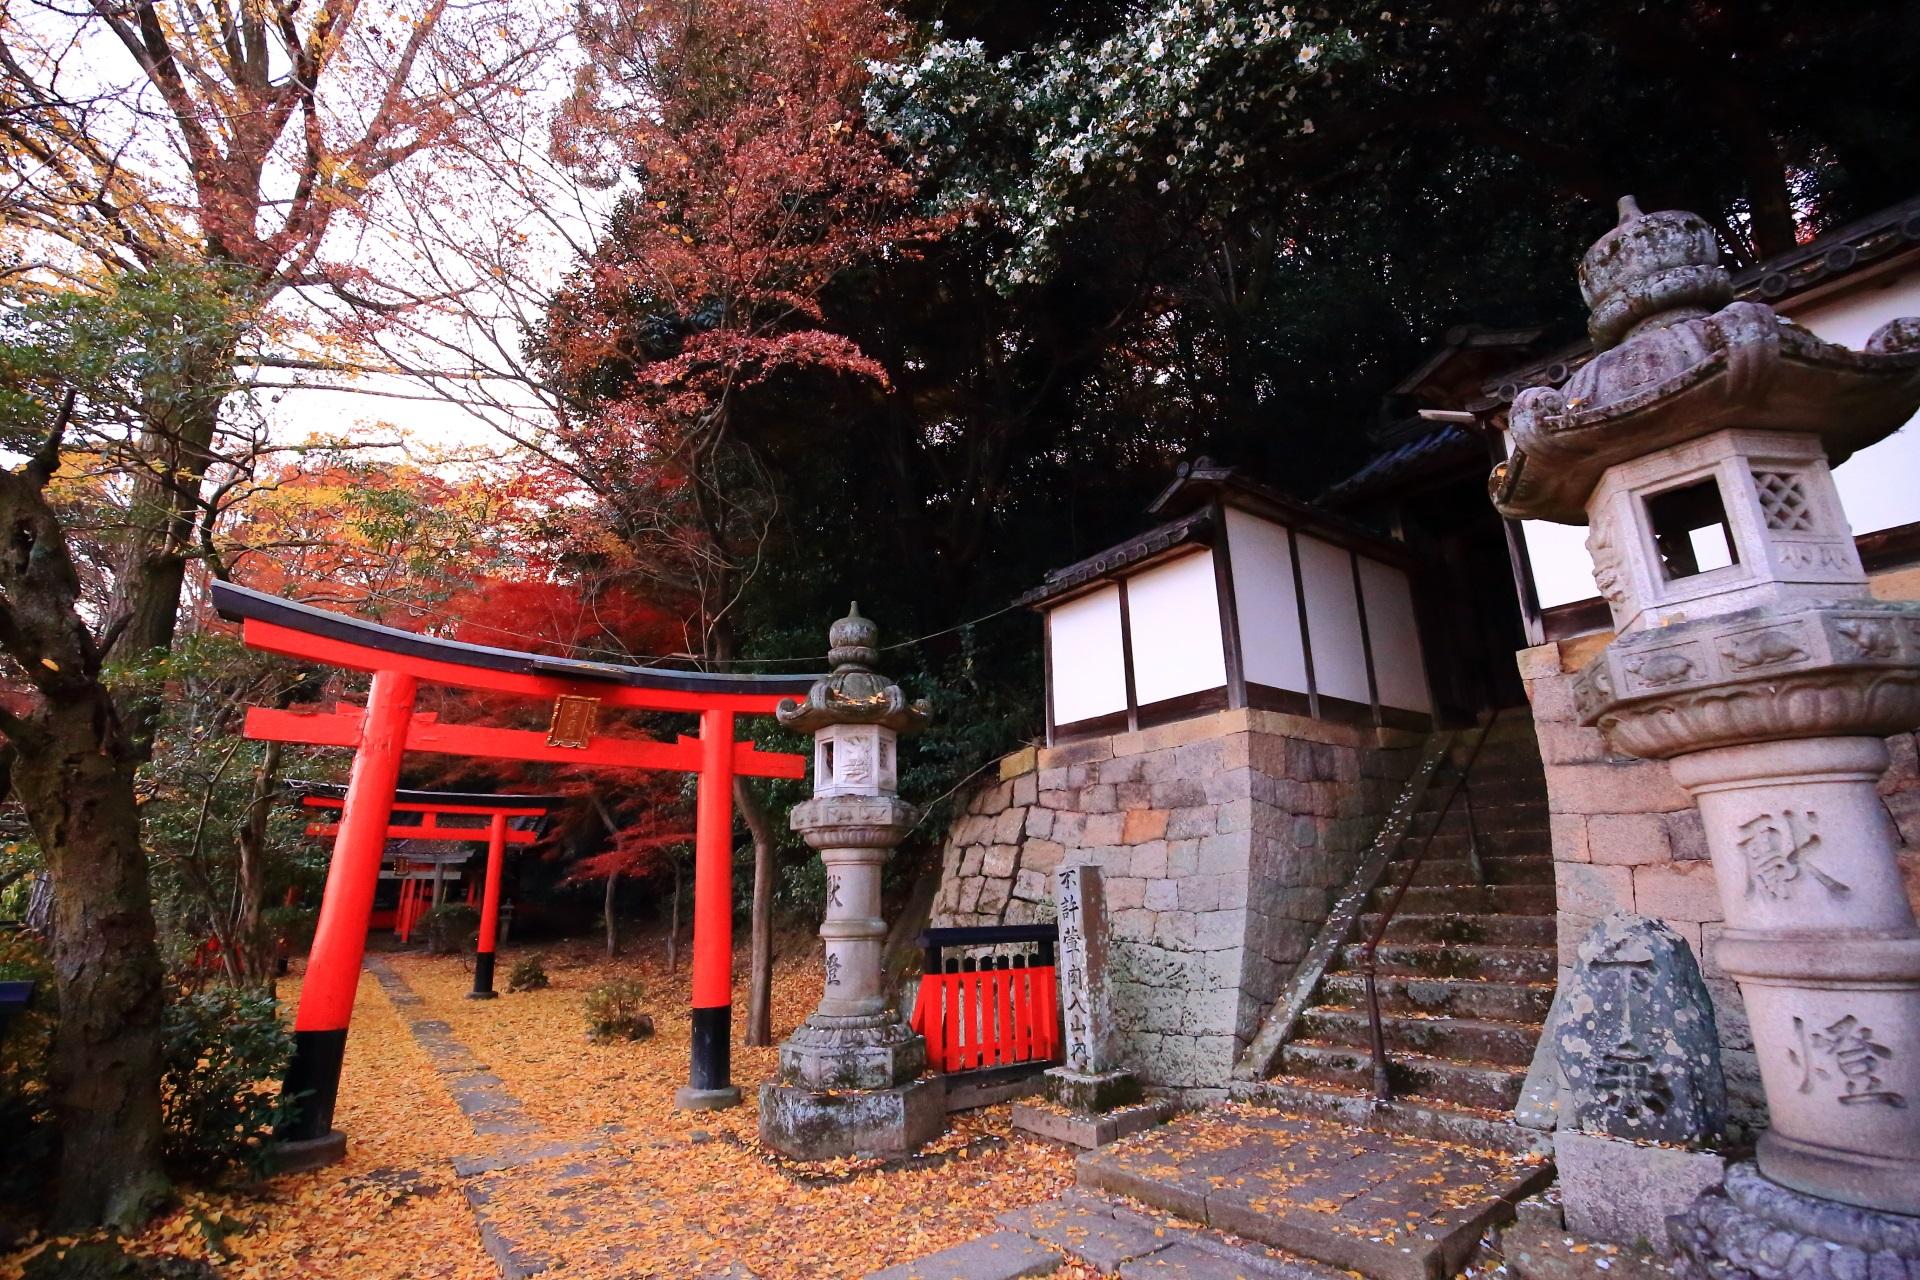 山崎聖天の長い石段の入口と鎮守社